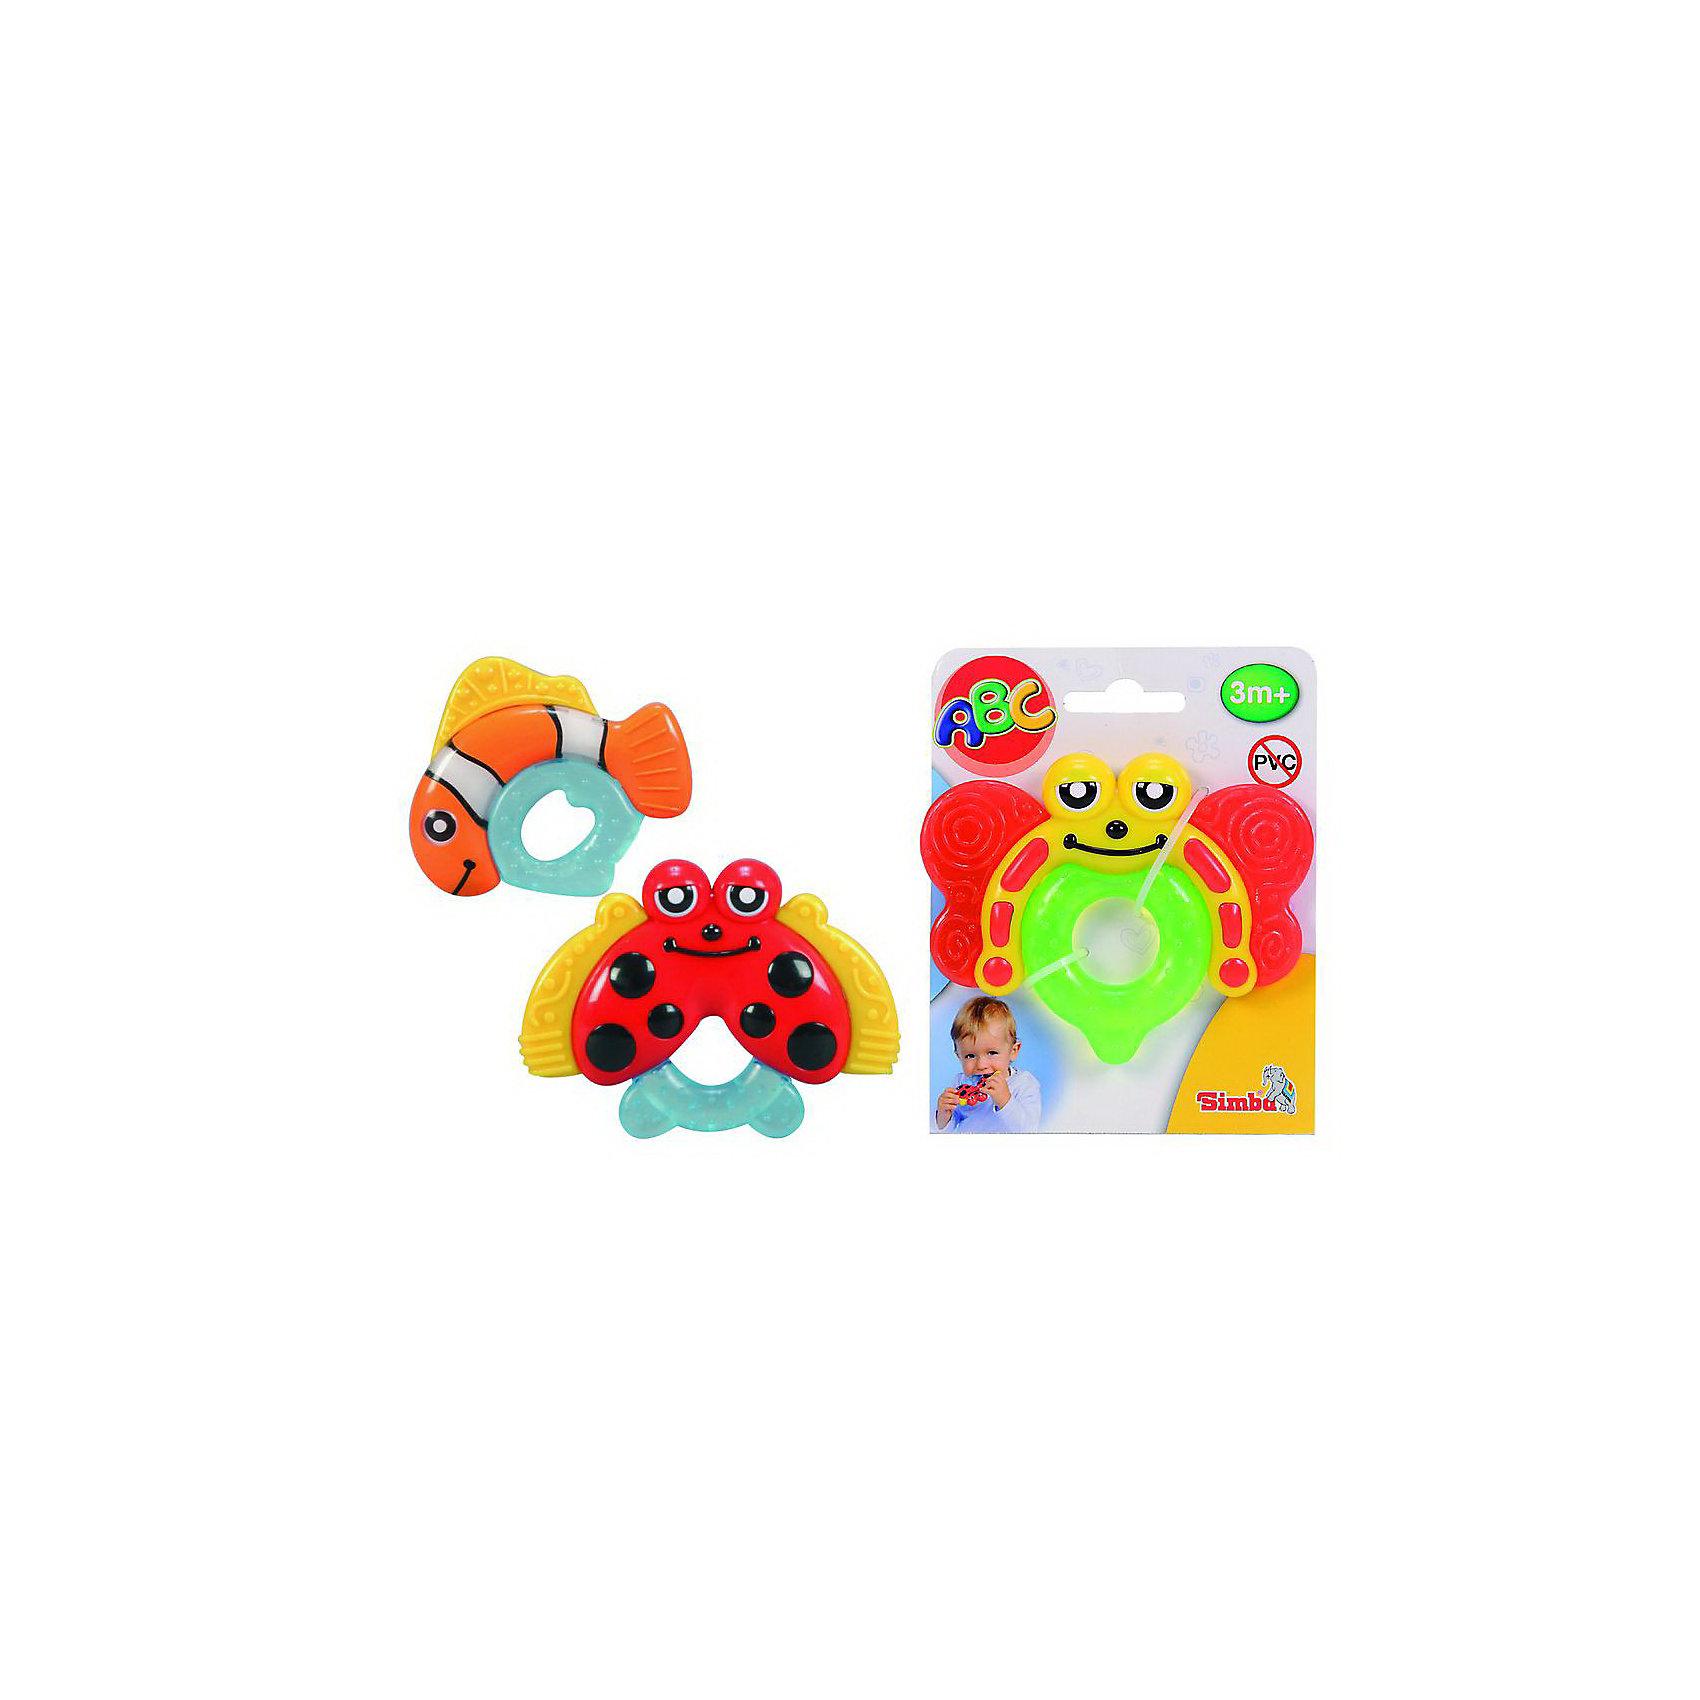 Simba ПрорезывательПрорезыватели<br>Забавные игрушки-прорезыватели в трех различных вариантах: в виде божьей коровки, бабочки и рыбки. Прозрачные каучуковые детали заполнены гелем и оказывают успокаивающее действие на десны ребенка. Охлаждать исключительно в холодильнике, не в морозилке. Не содержат ПВХ. <br><br>Дополнительная информация:<br><br>- Материал: пластмасса, каучук<br>- Размер:  10 см.<br>- Размер Упаковки: 12х1,5х15 см.<br>- Вес: 70 гр.<br><br>ВНИМАНИЕ! Данный артикул имеется в наличии в разных вариантах исполнения. Заранее выбрать определенный вариант нельзя. При заказе нескольких прорезывателей возможно получение одинаковых.<br><br>Игрушки-прорезыватели можно купить в нашем магазине.<br><br>Ширина мм: 120<br>Глубина мм: 20<br>Высота мм: 150<br>Вес г: 68<br>Возраст от месяцев: 3<br>Возраст до месяцев: 24<br>Пол: Унисекс<br>Возраст: Детский<br>SKU: 2149354